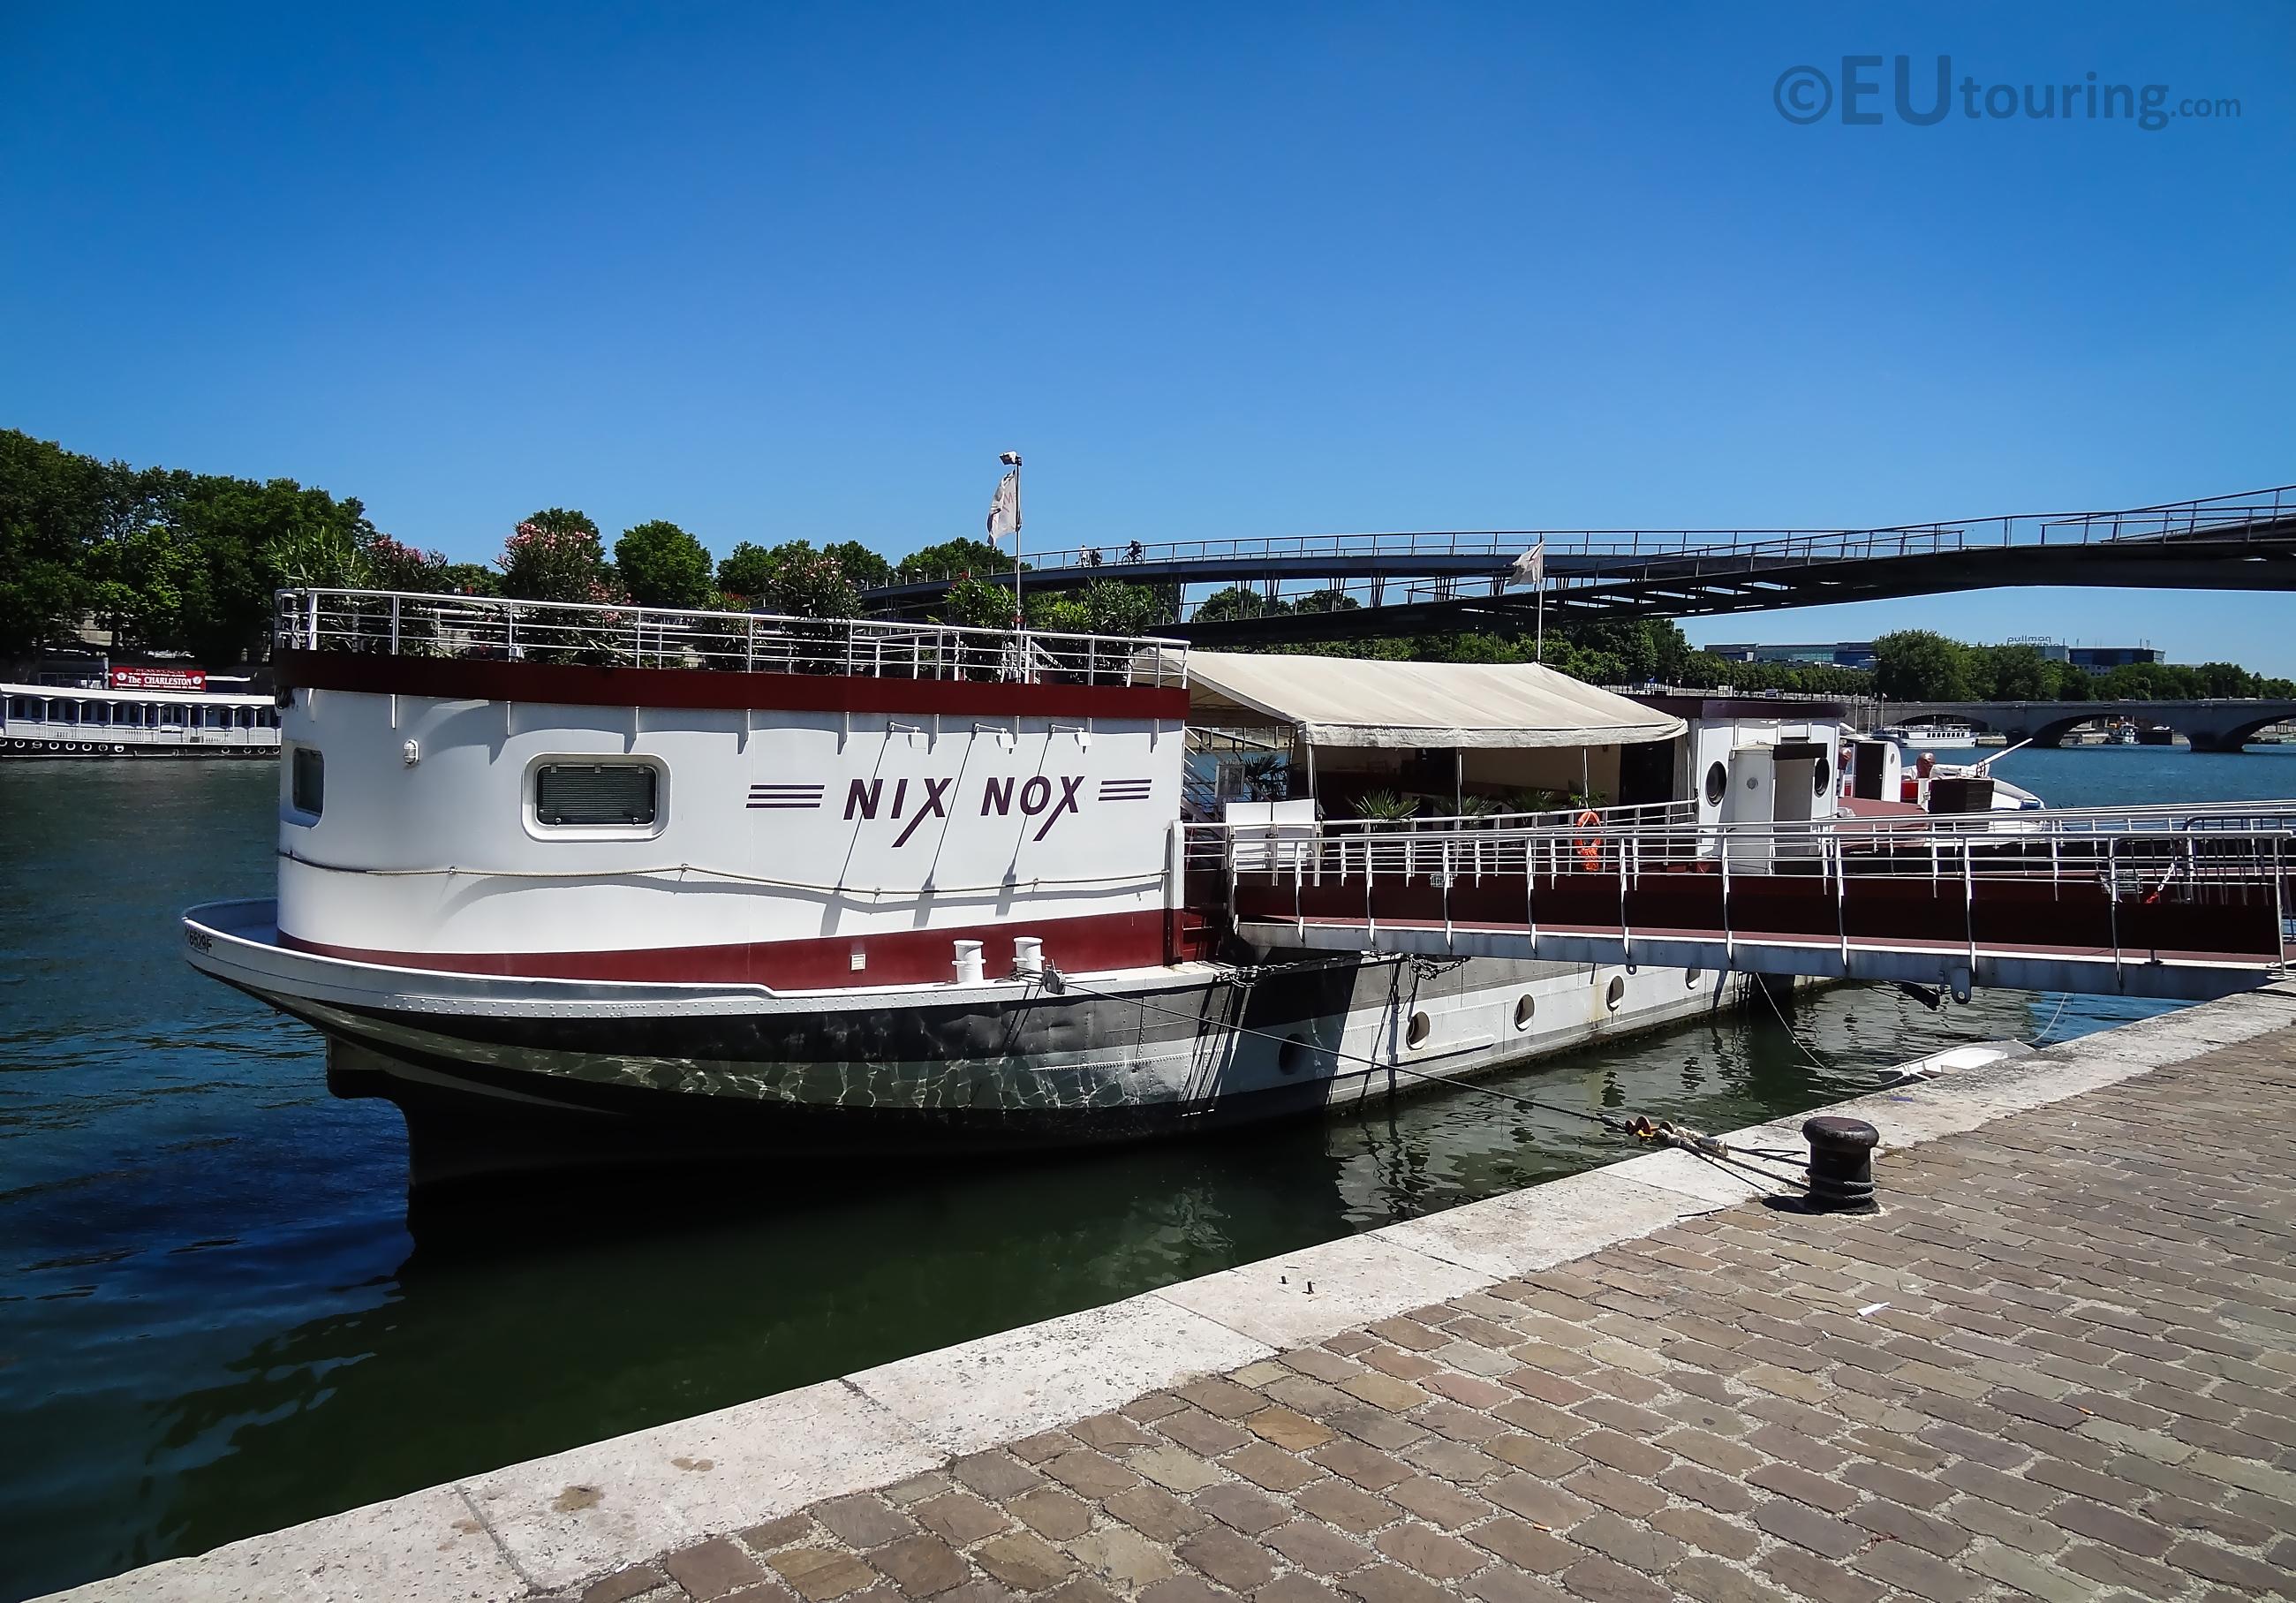 Nix Nox boat